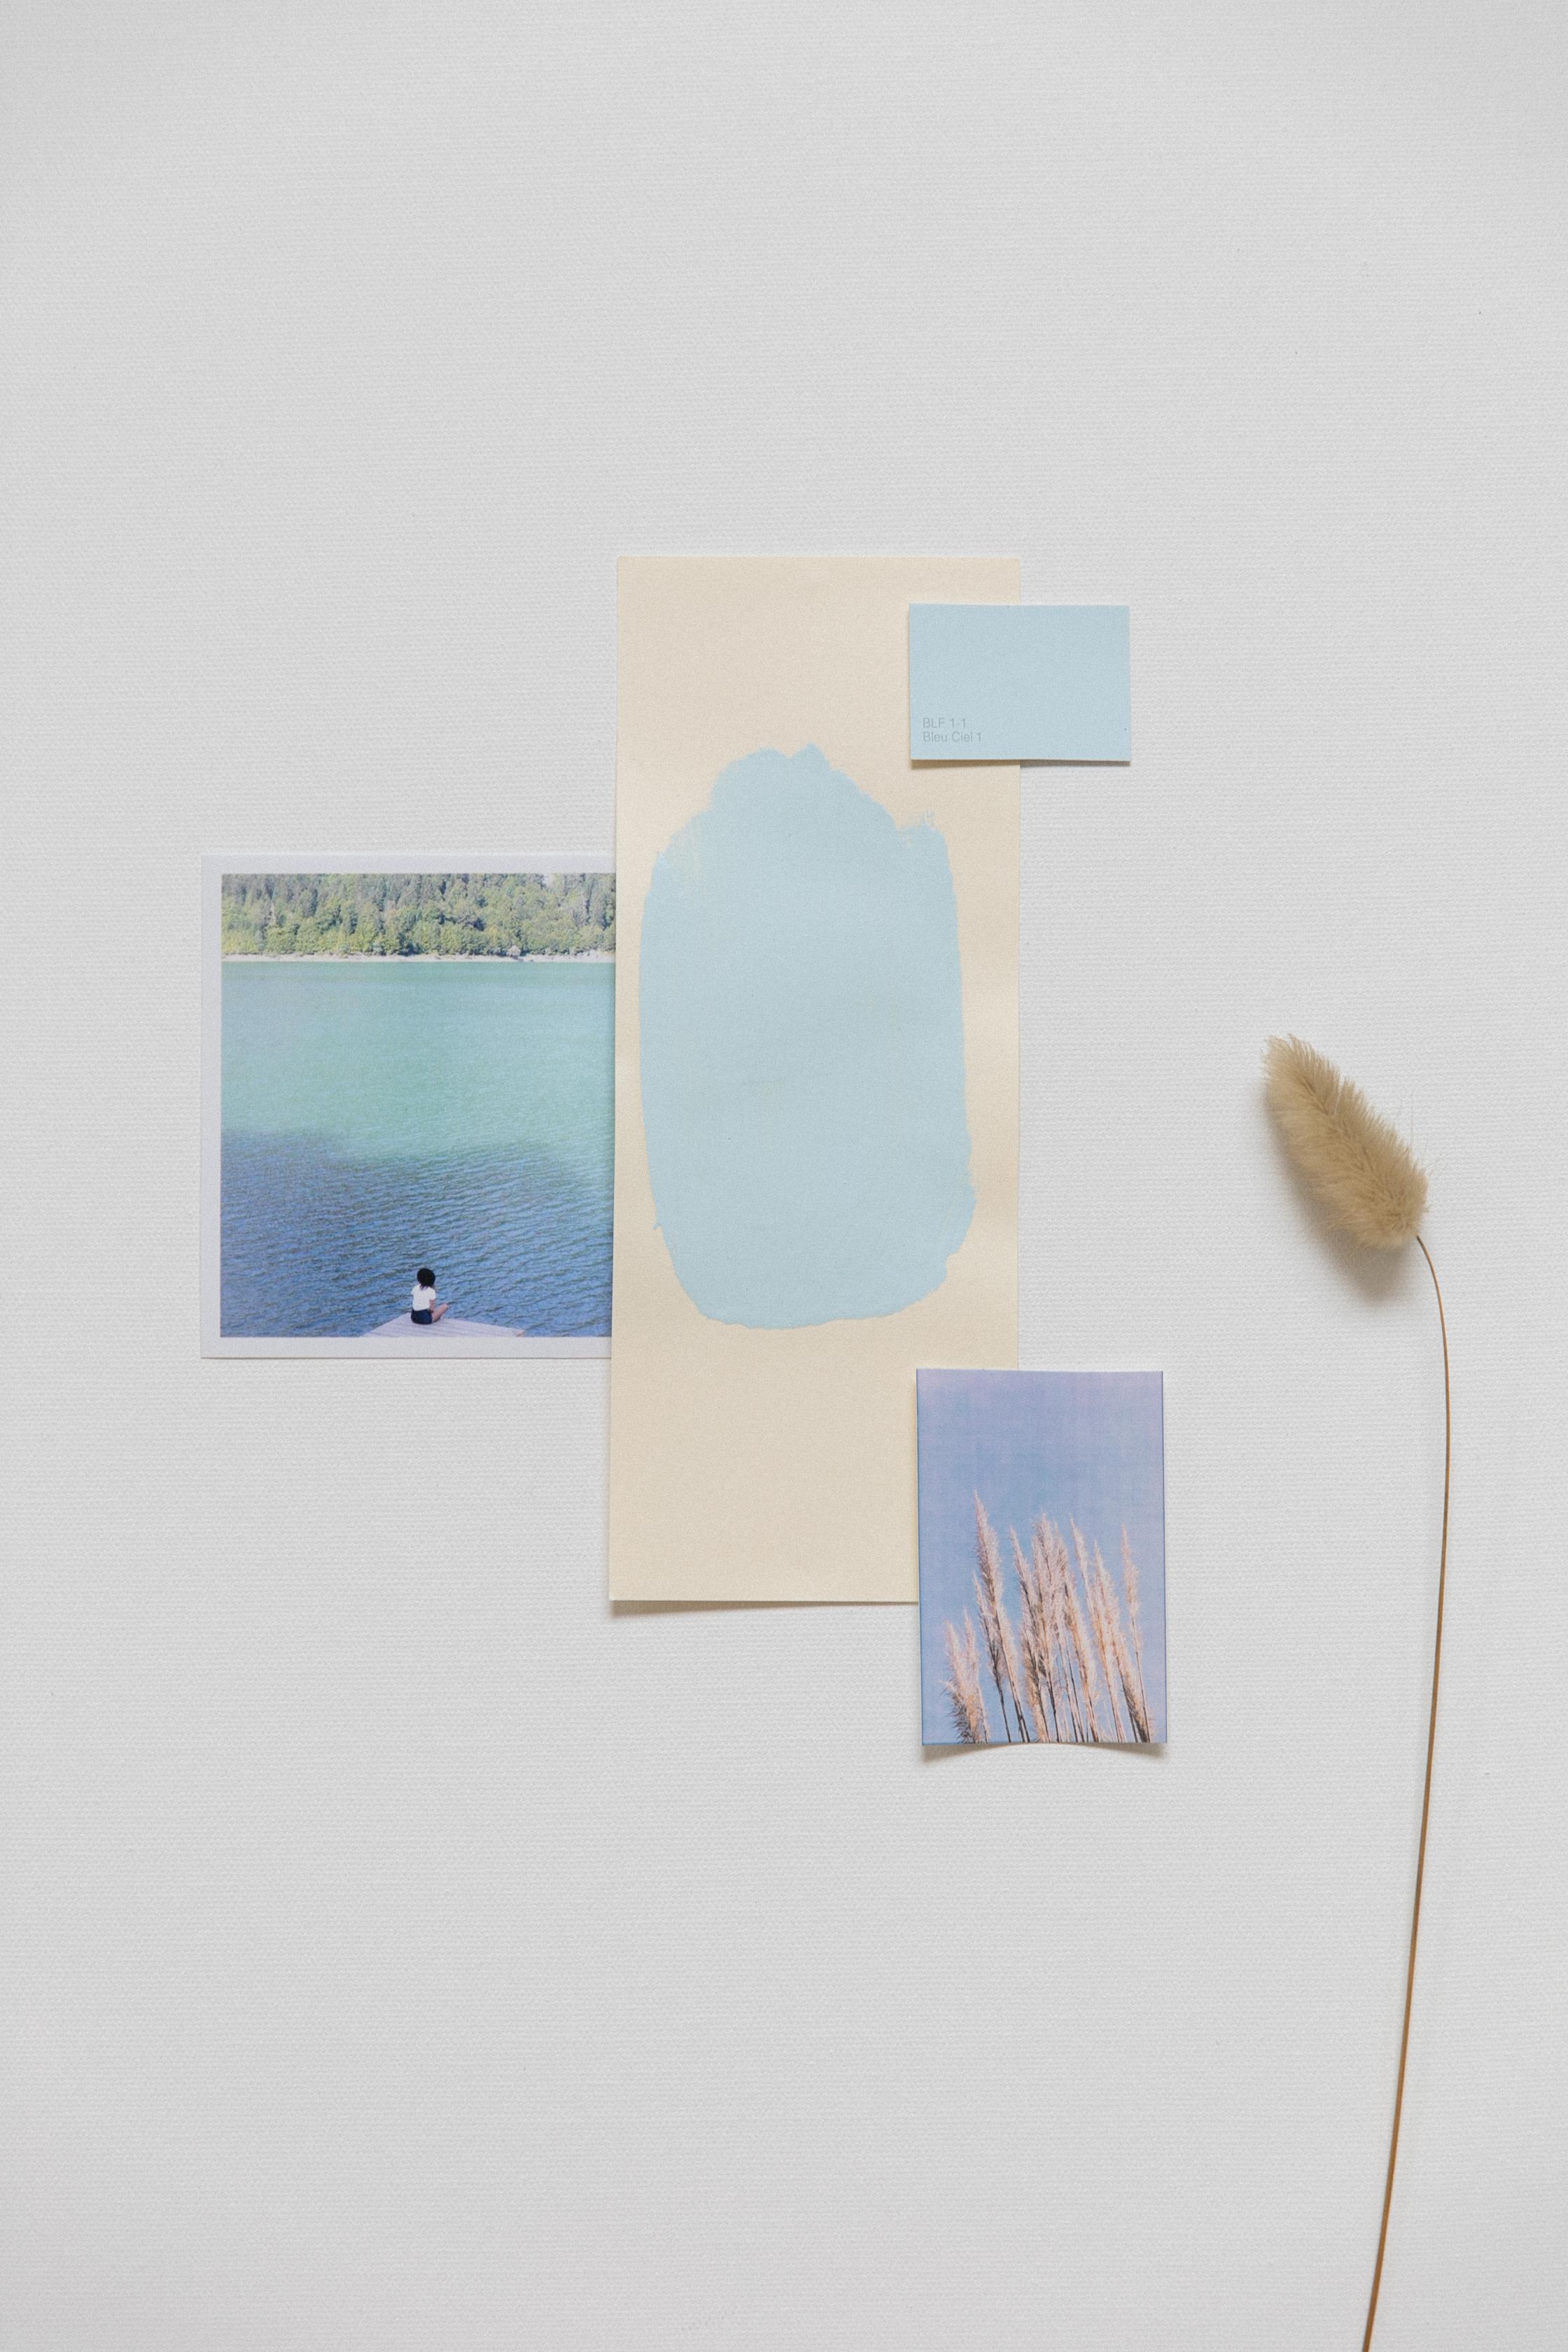 collection capsule sunset à biarritz peinture avec hypnotik-14 copie